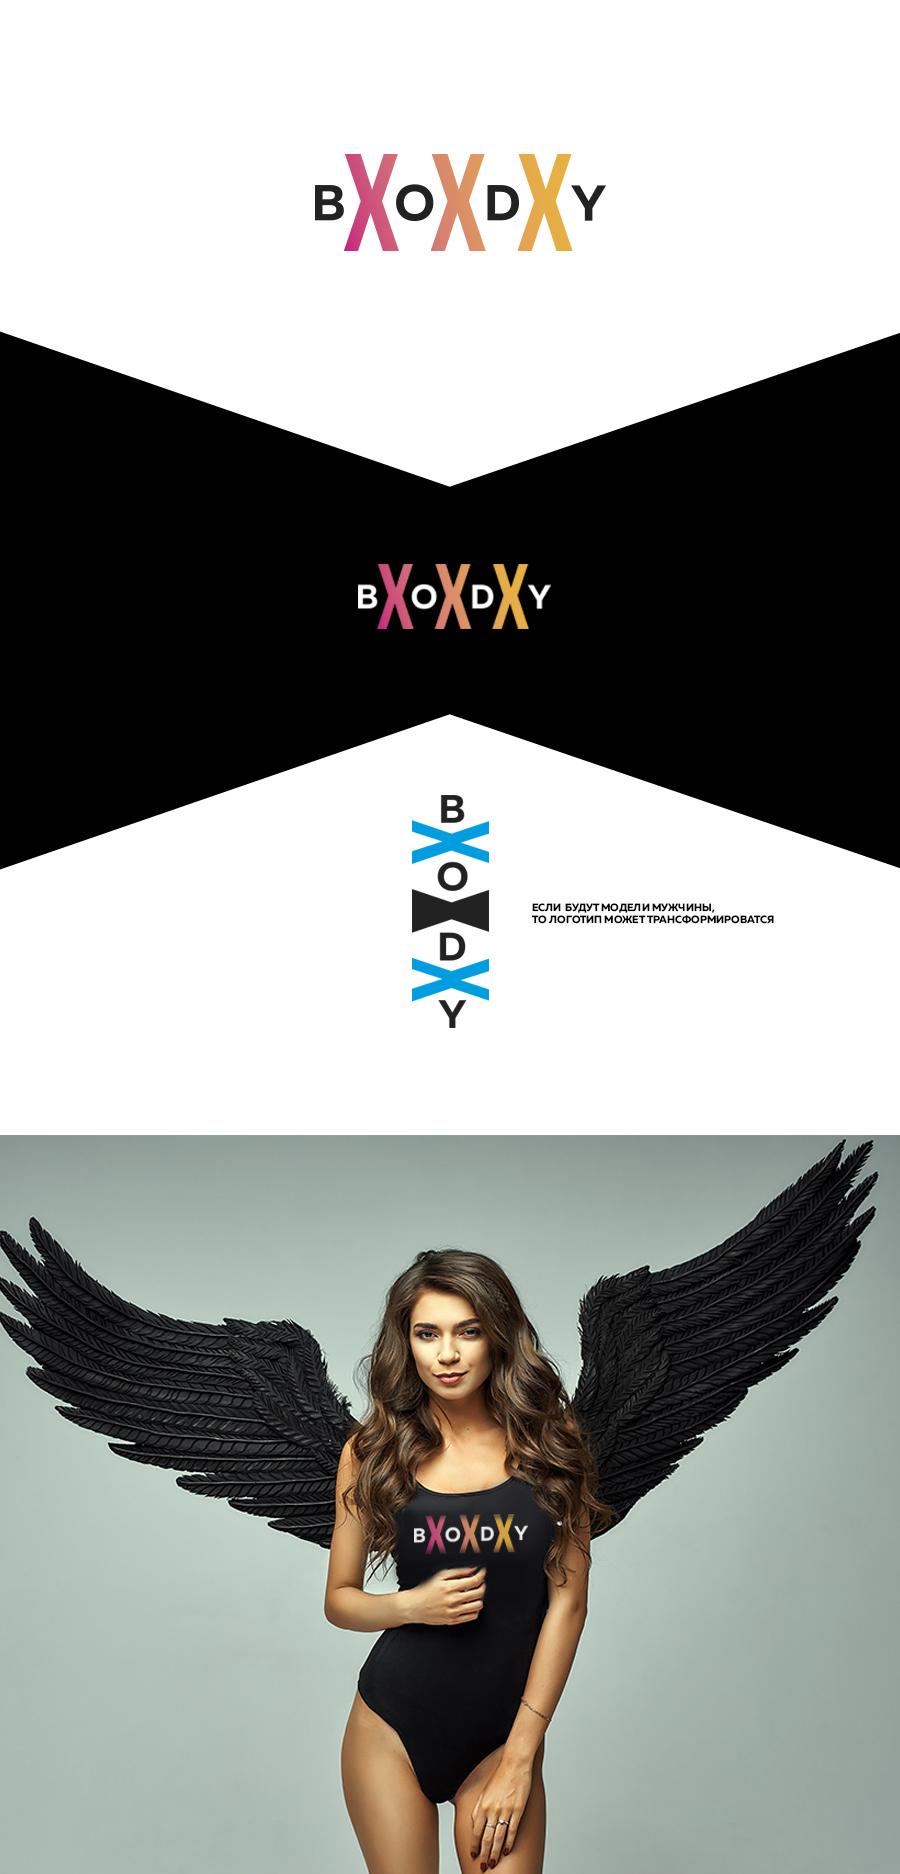 Разработка логотипа (видеоблог для моделей) фото f_8535b1fb2737cd98.jpg